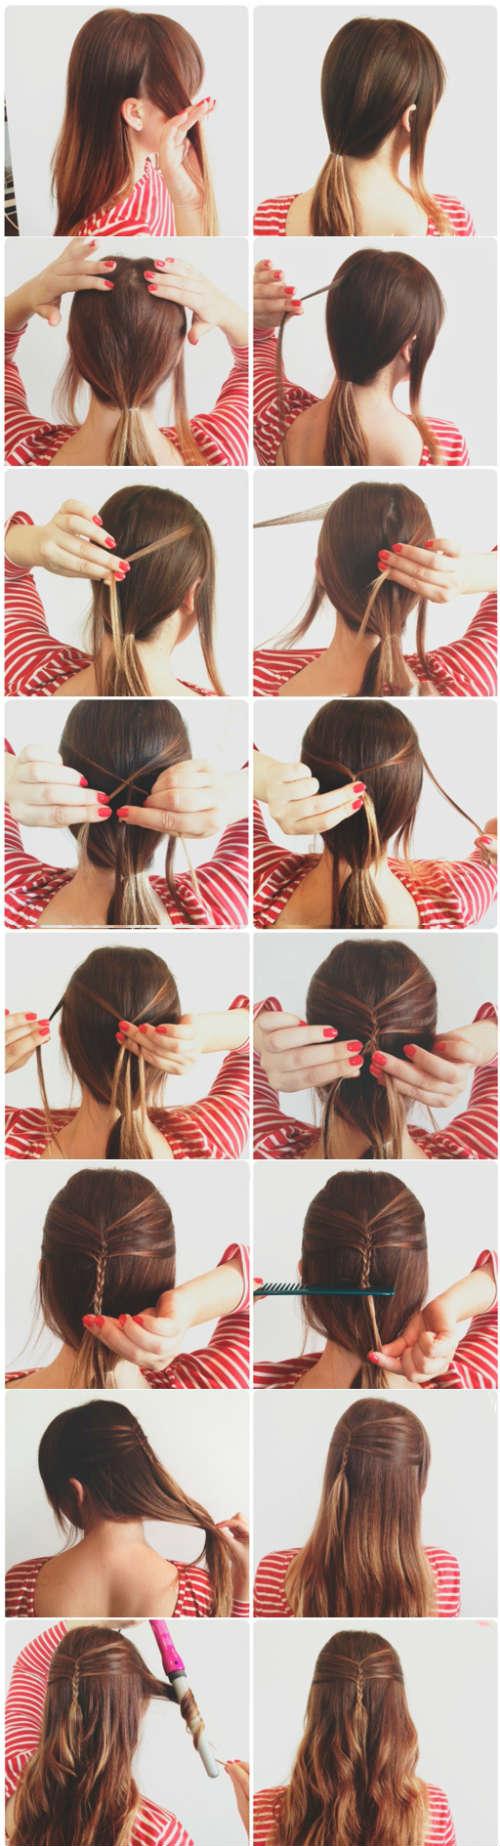 Как сделать прическу легкую на распущенные волосы